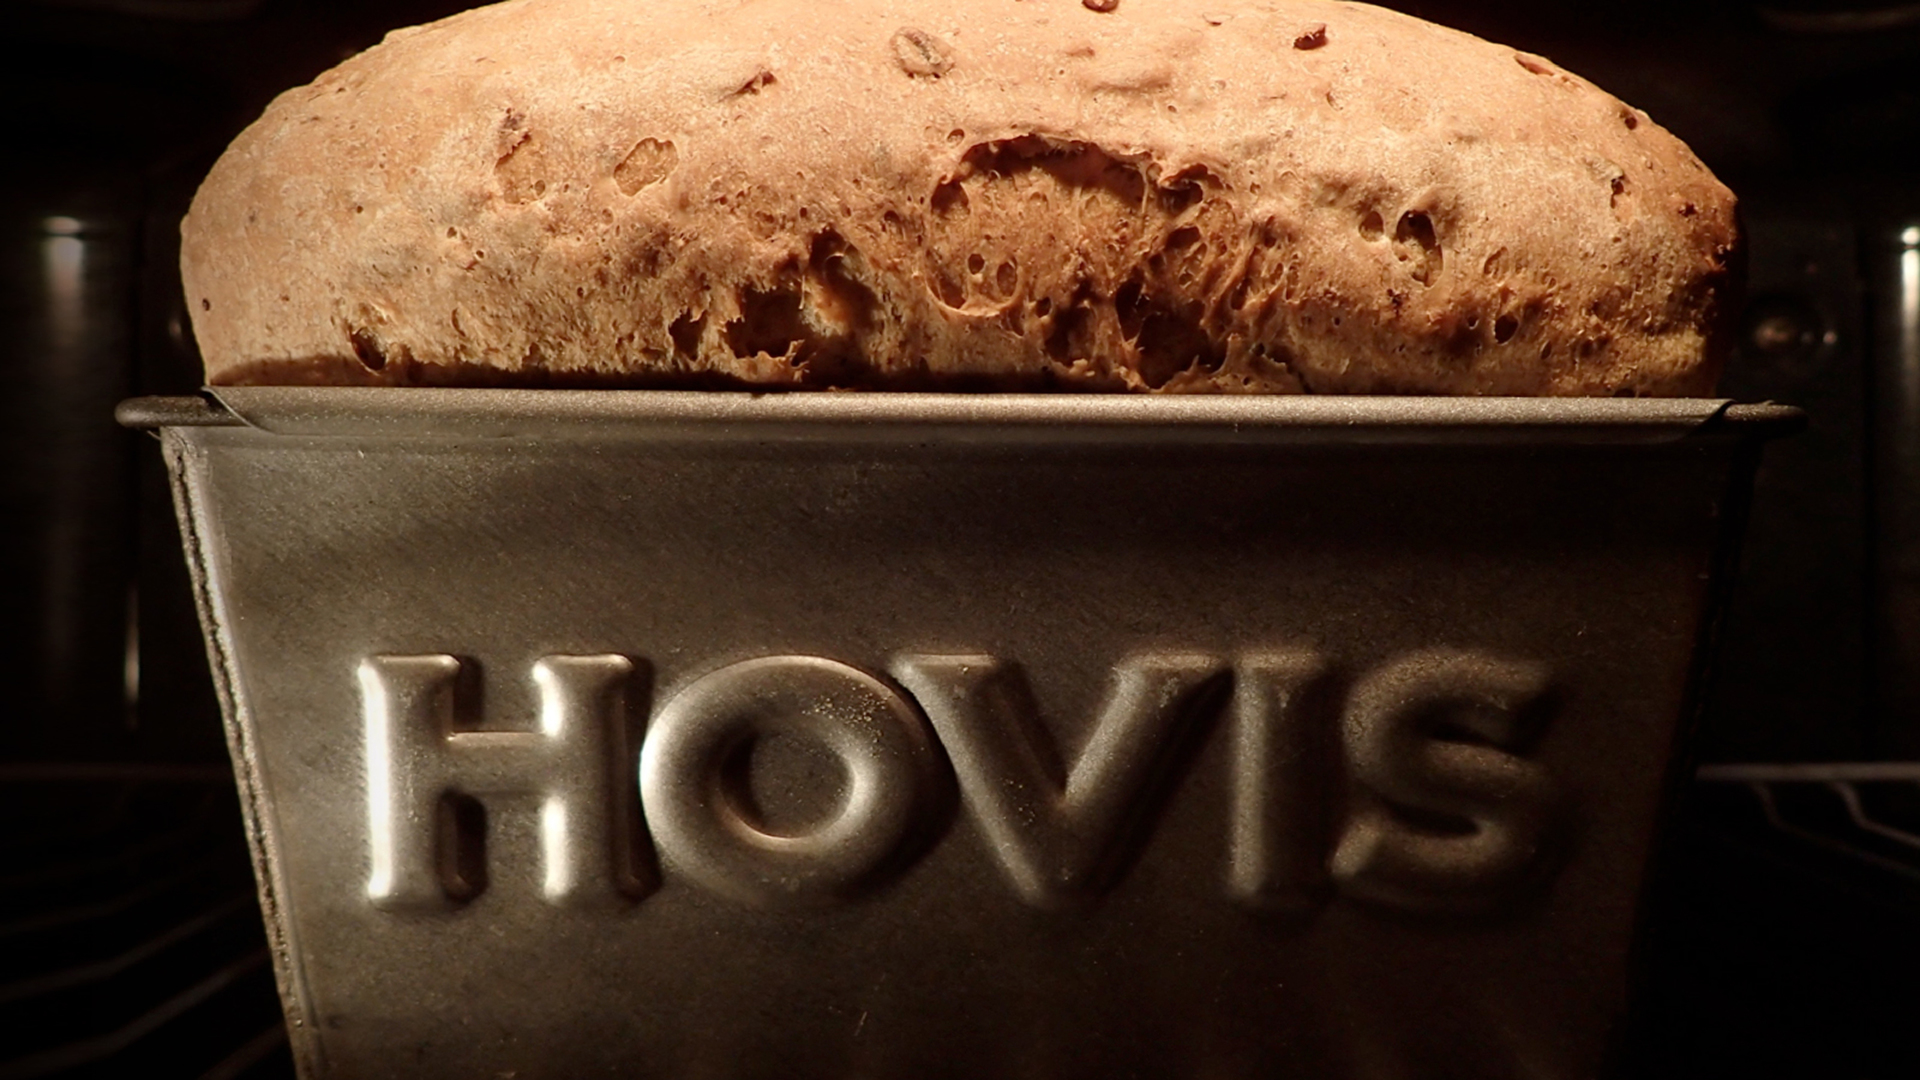 Hovis news image V2